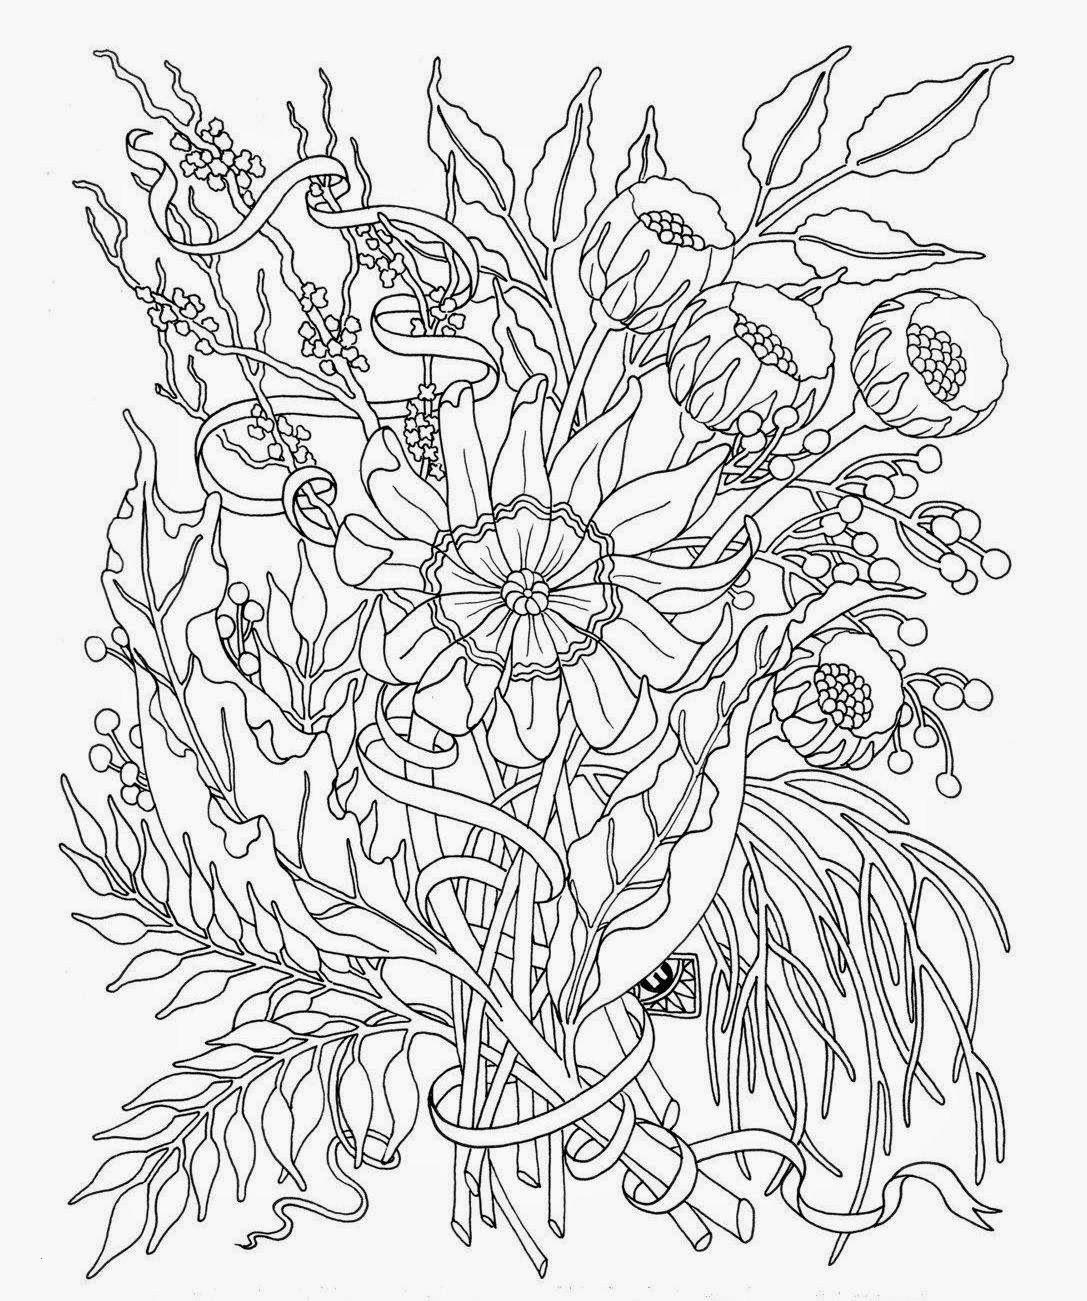 flower vase design plastic bottle of 13 new vase of flowers bogekompresorturkiye with regard to coloring pagesflowers luxury cool vases flower vase coloring page pages flowers in a top i